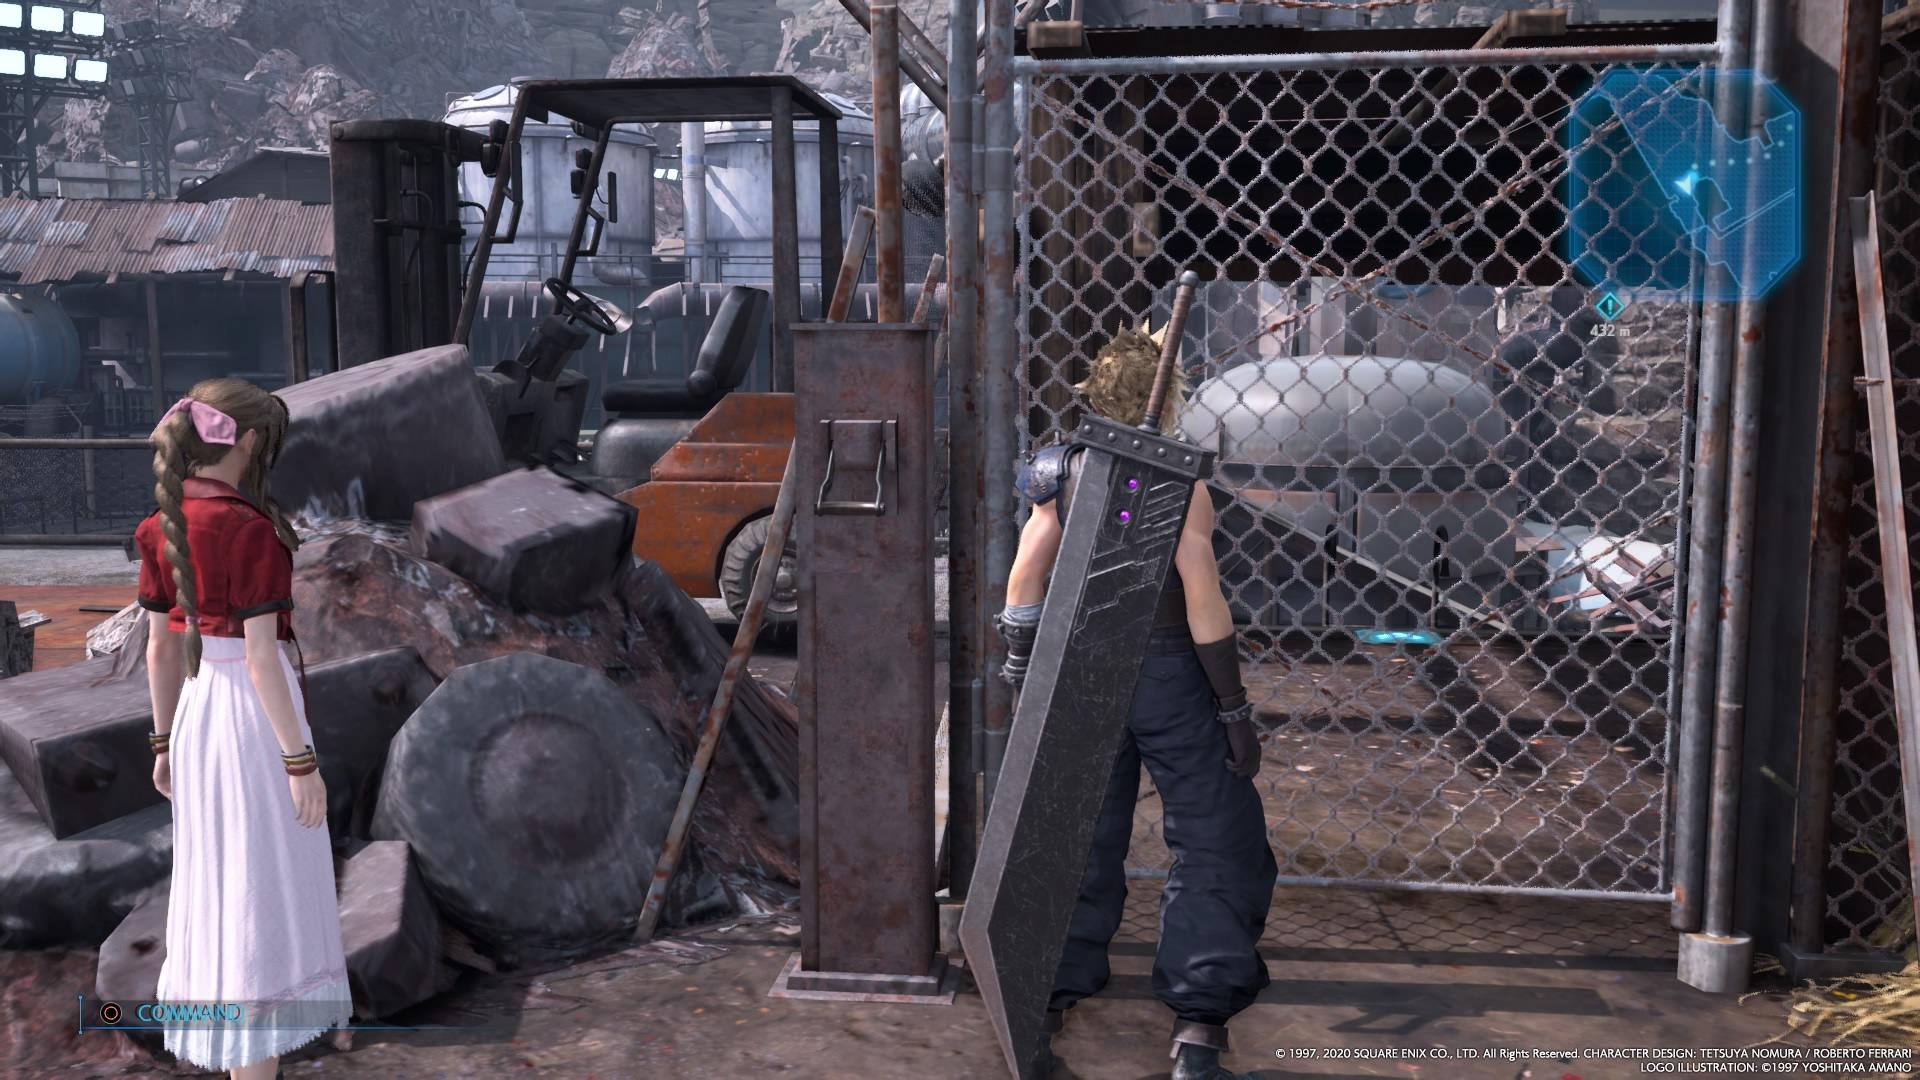 FF7R(リメイク) チャプター8 サブクエ(EXクエスト)「開かないゲート」の場所はどこ?クリアにならないのはバグ?【エキストラクエスト・ファイナルファンタジー7】